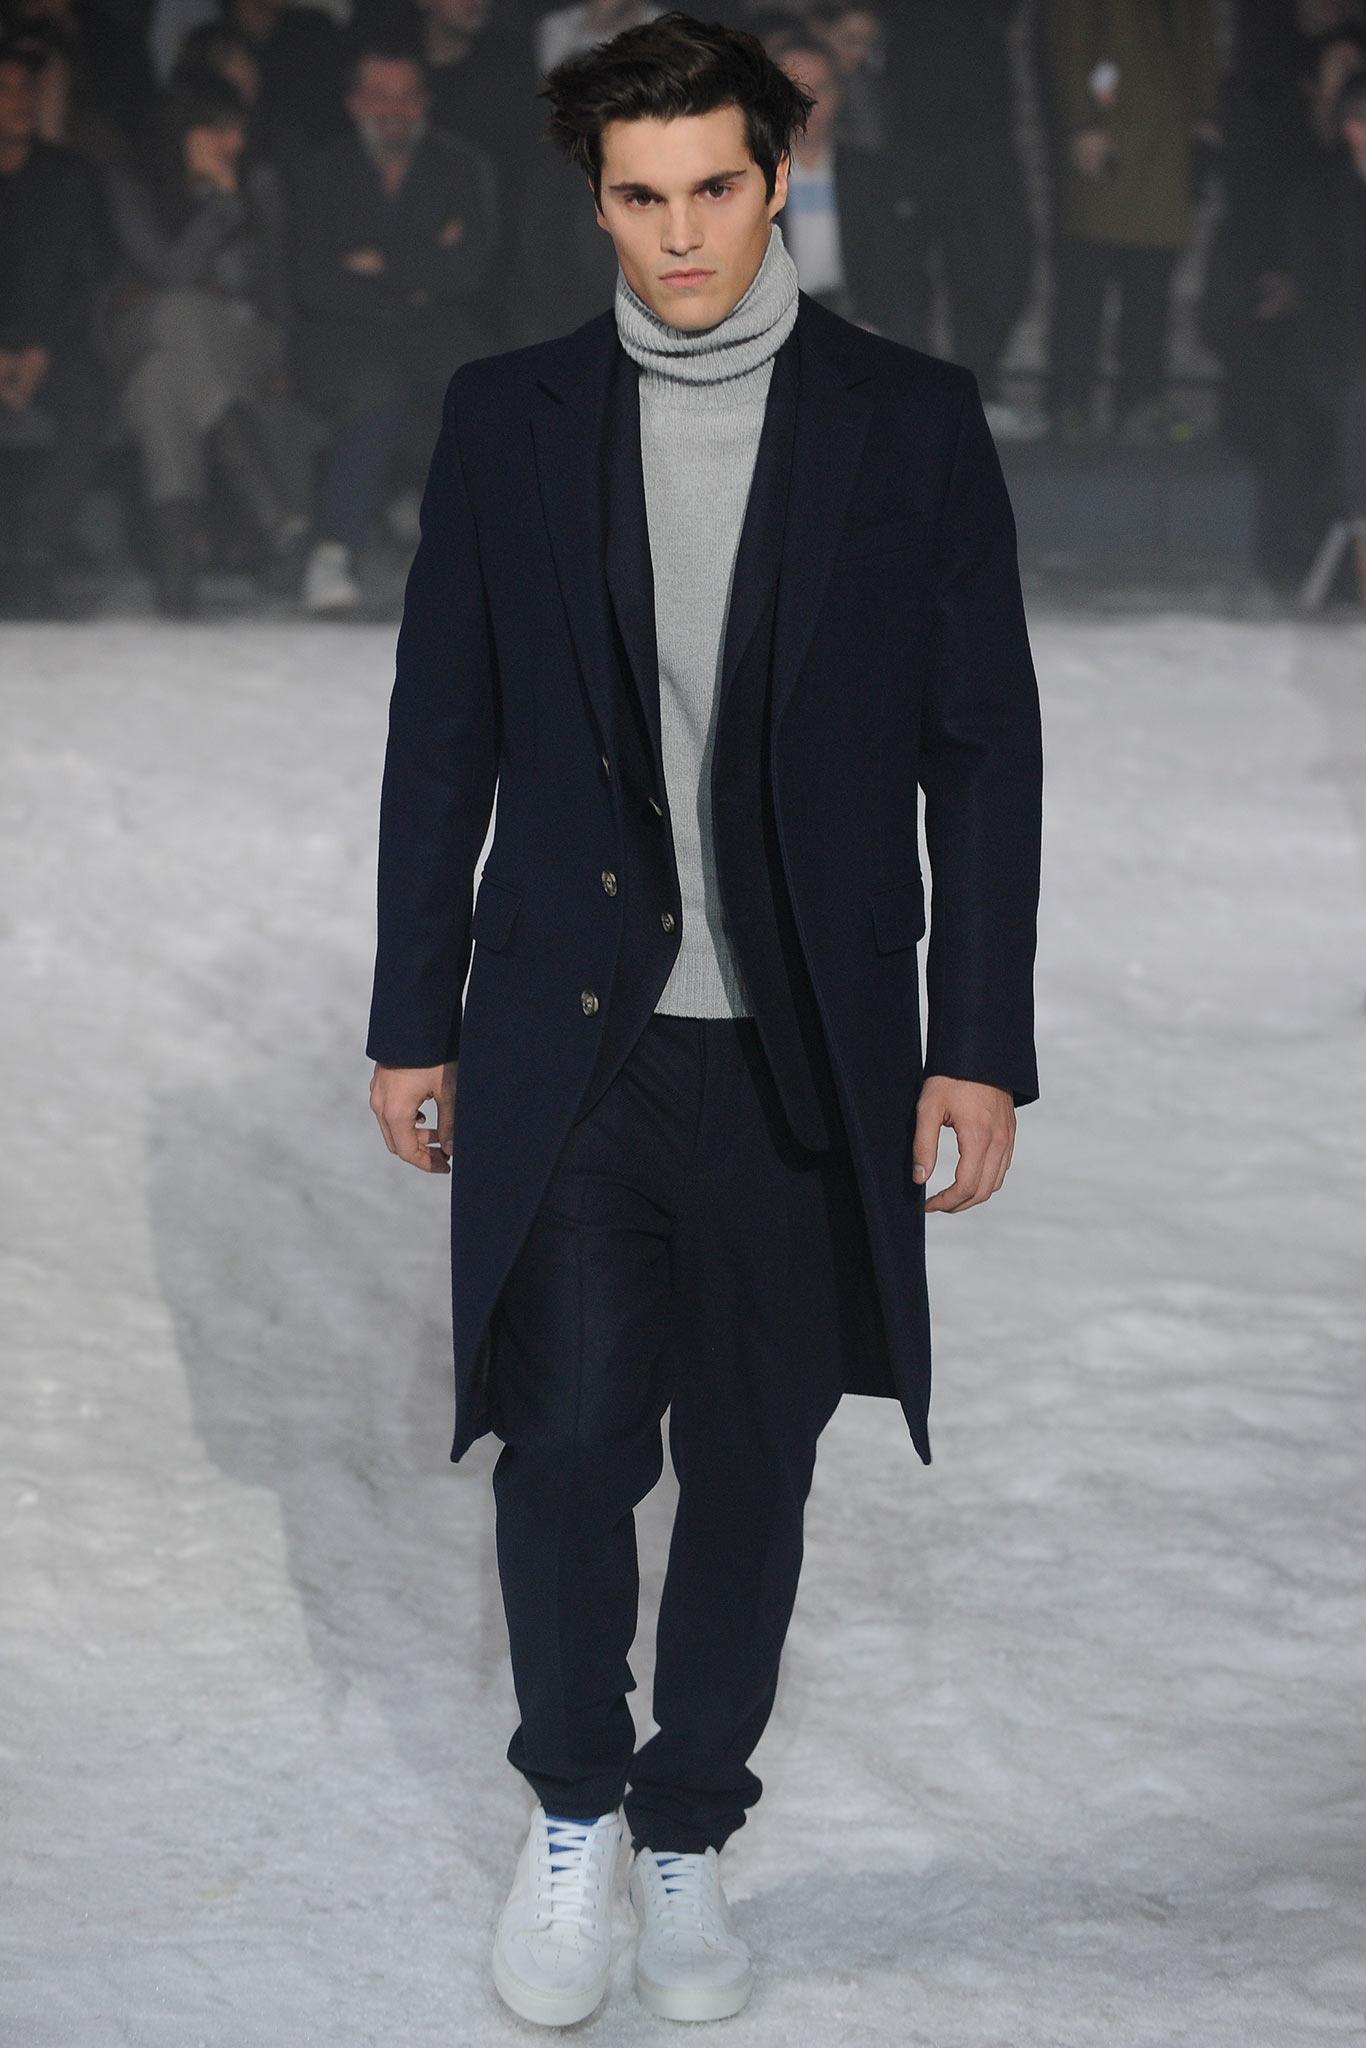 Genial Grauer Mantel Kombinieren Sammlung Von Sie Einen Dunkelblauen Mit Einem Schwarzen Anzug